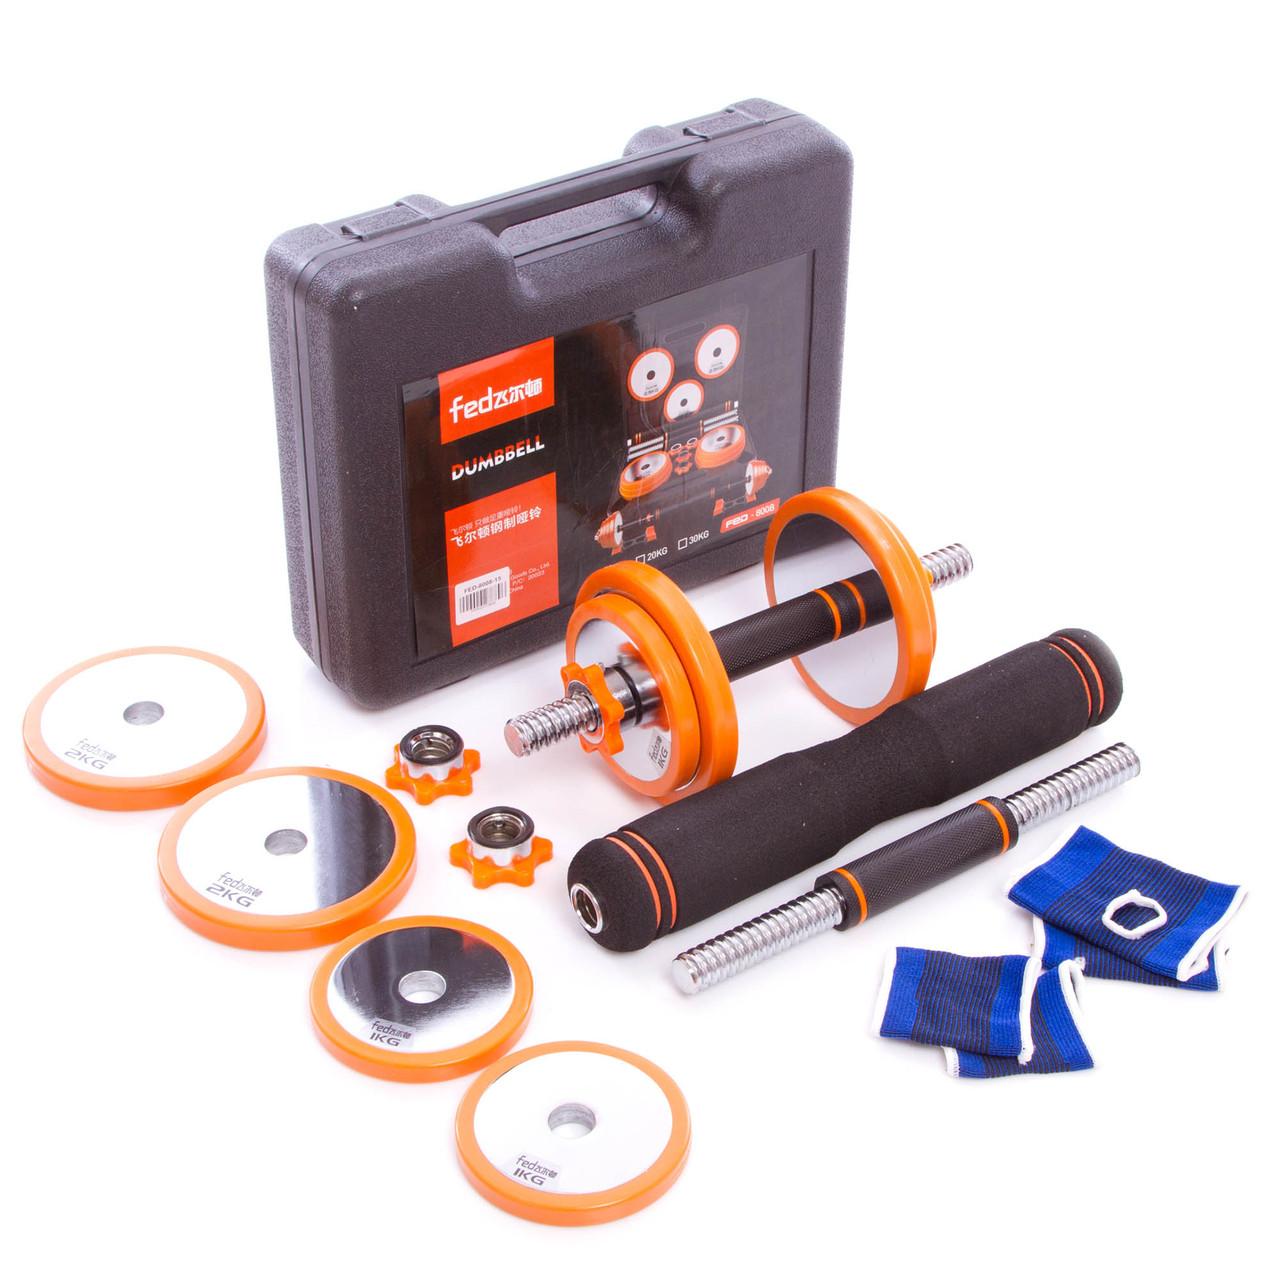 Набір гантелей розбірні сталеві млинці в пласт.кейсі 15кг FED-8008-15 (2 грифа, млинці сталь+PU, в компл.